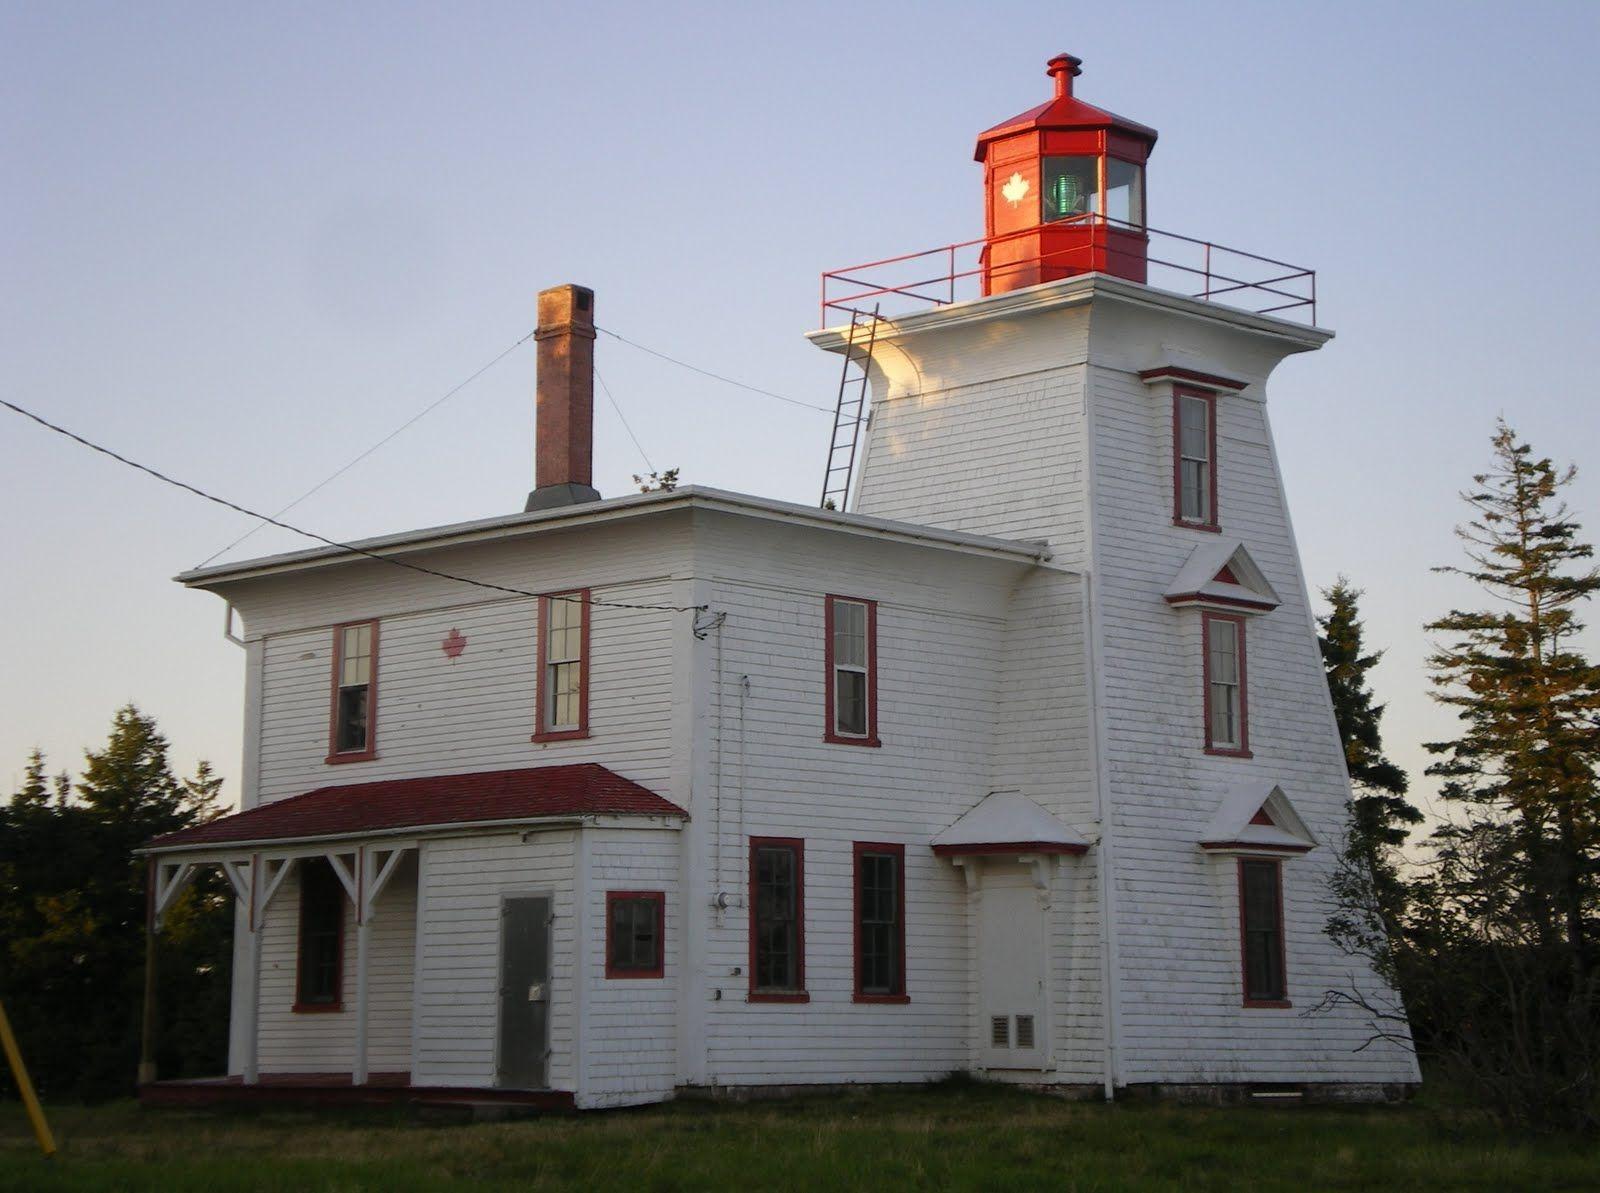 Blockhouse Point Light, Rocky Point, Prince Edward Island